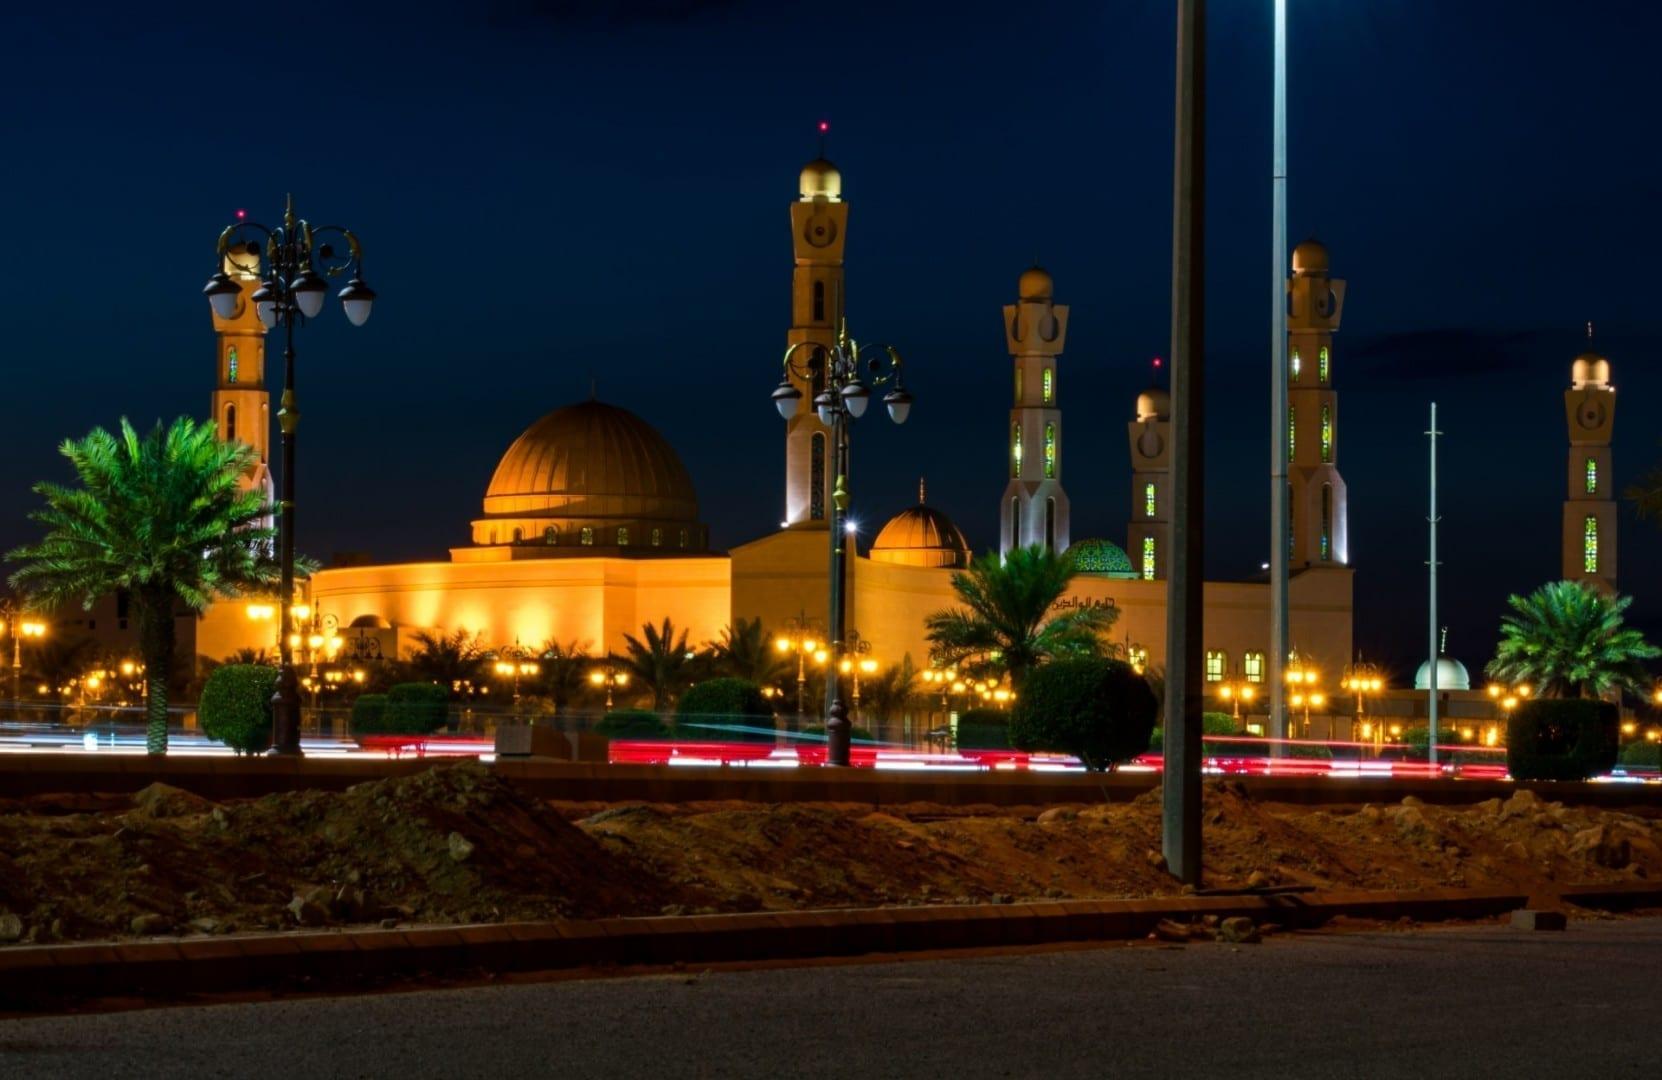 Mezquita Tabuk Tabuk Arabia Saudí